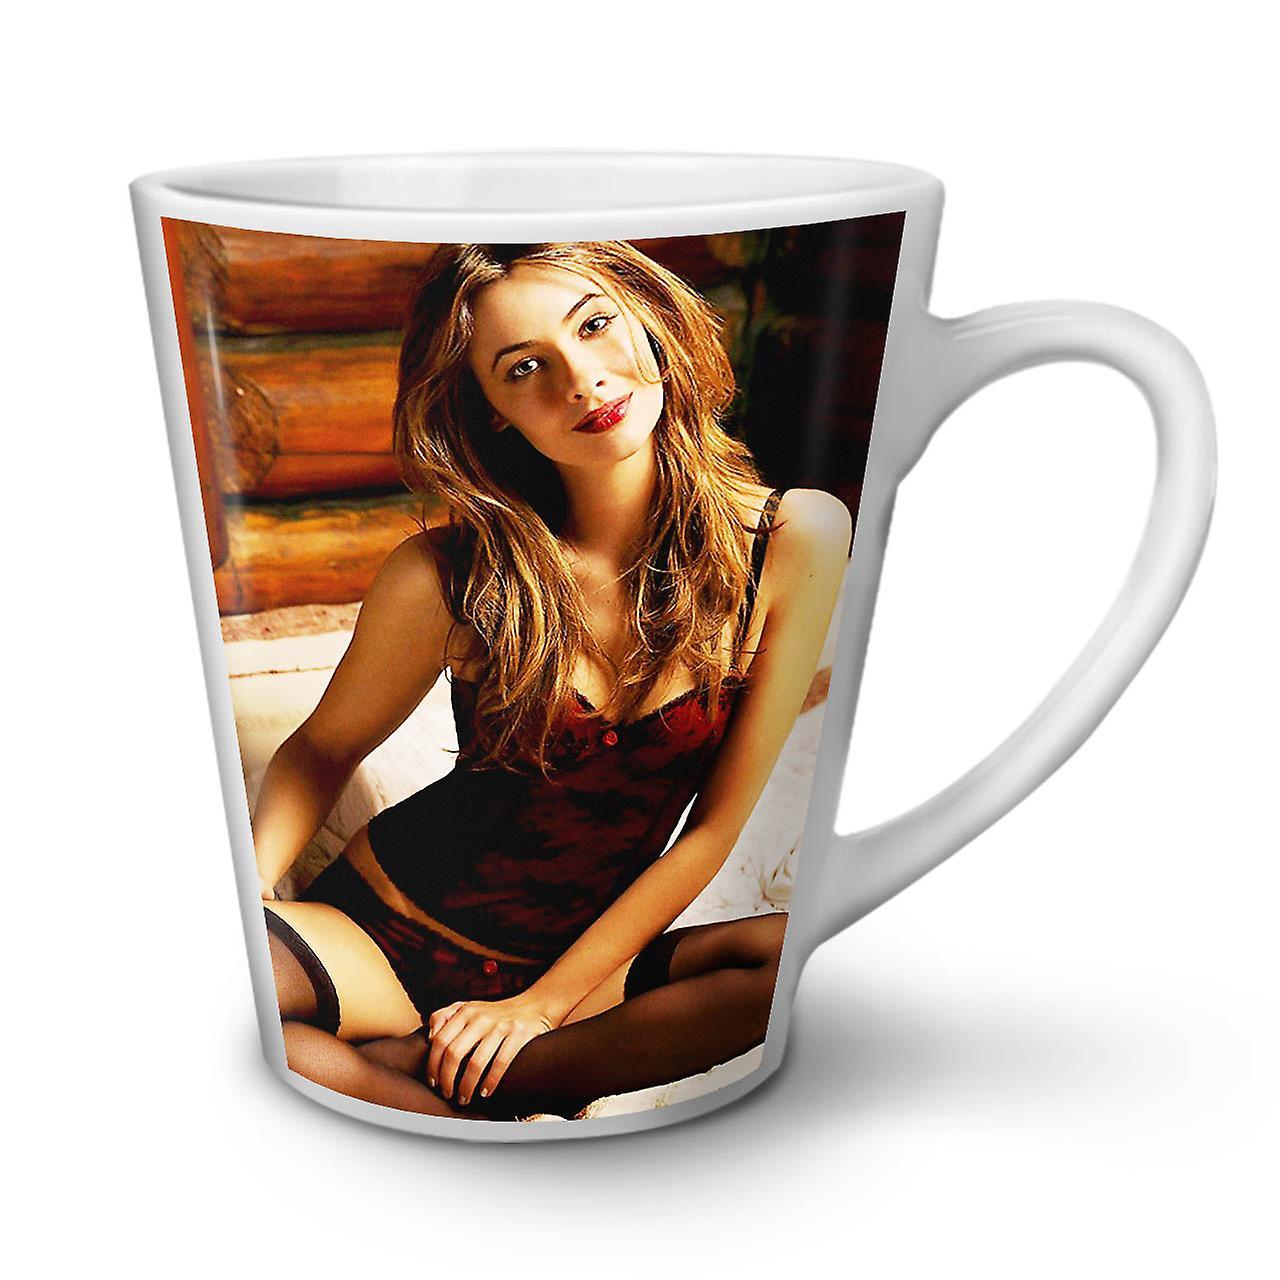 Thé Blanc OzWellcoda Café 12 Latte En Fille Mug Nouveau Céramique Lingerie 3q4jL5AR